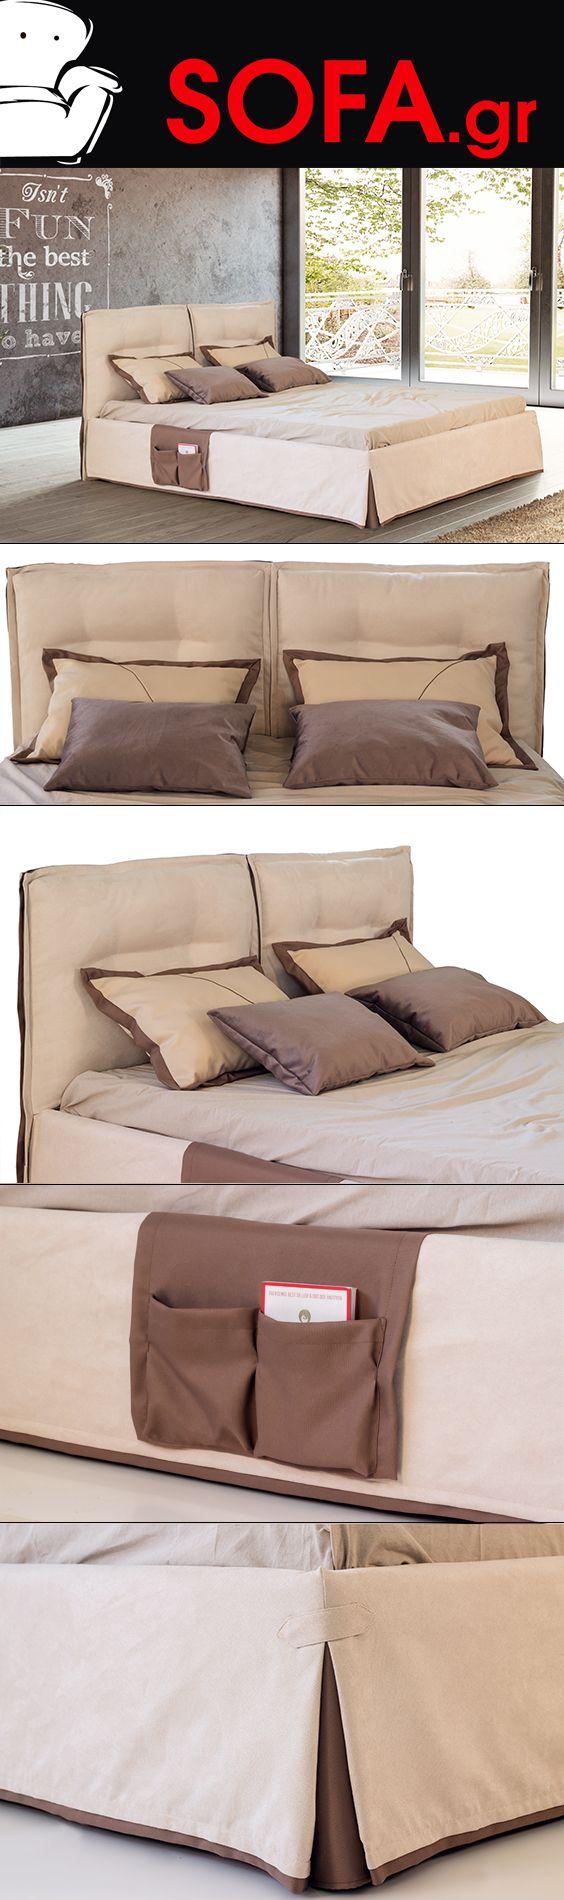 Κρεβάτι υφασμάτινο Aria με αποσπώμενο ύφασμα.  Kρεβάτι νεανικό γερής κατασκευής με αποσπώμενο ύφασμα για εύκολο πλύσιμο.Μοναδικό κρεβάτι με καποτινέ κεφαλάρι, αποσπώμενο ύφασμα σε μπεζ απόχρωση με ενσωματωμένη θήκη για περιοδικά και τηλεκοντρόλ με γραπτή εγγυηση ποιότητας.  https://sofa.gr/krevatokamares/krevatokamara-aria